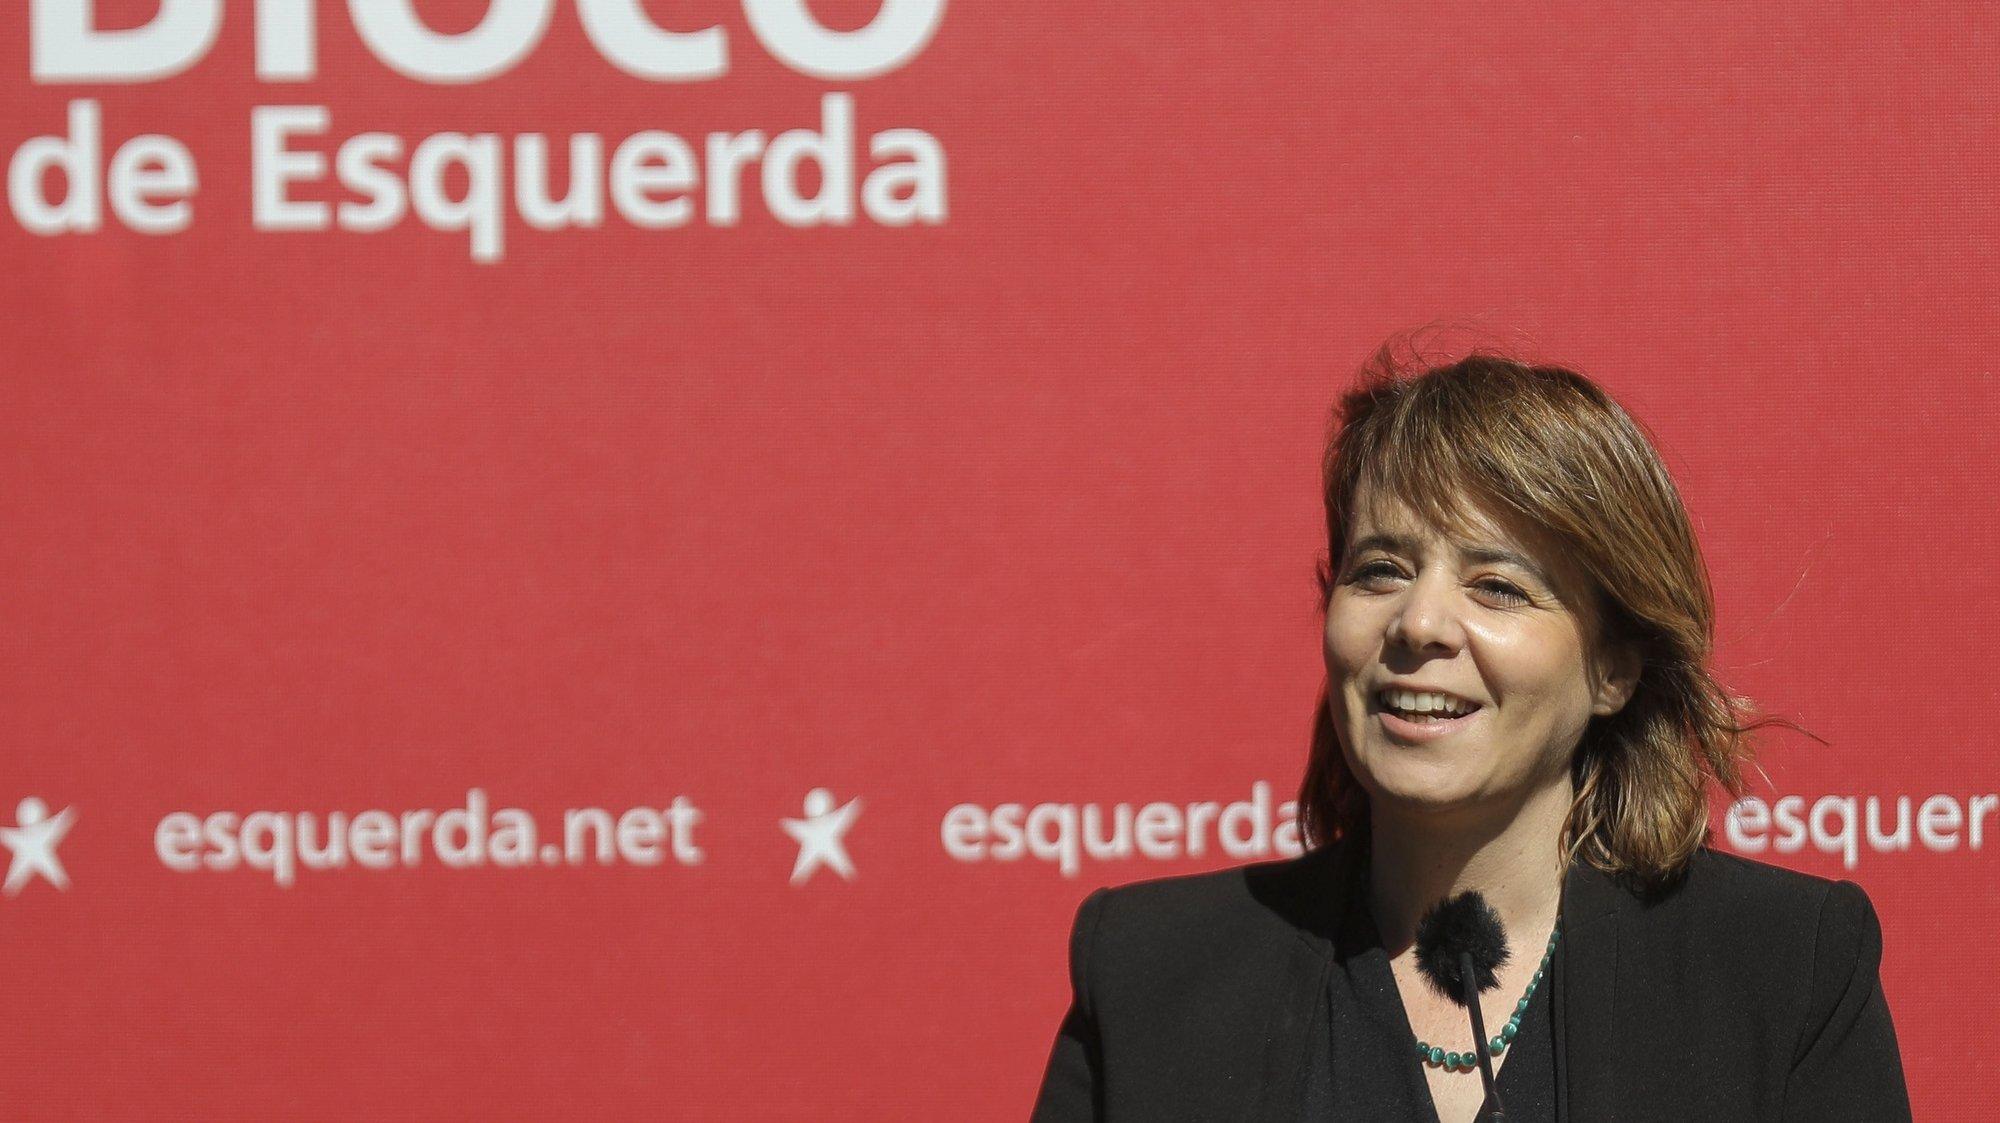 A coordenadora do Bloco de Esquerda (BE), Catarina Martins, intervém na apresentação de Deolinda Martin (ausente da fotografia) como candidata à Câmara Municipal da Amadora pelo Bloco de Esquerda, na Amadora, 03 de junho de 2021. MIGUEL A. LOPES/LUSA